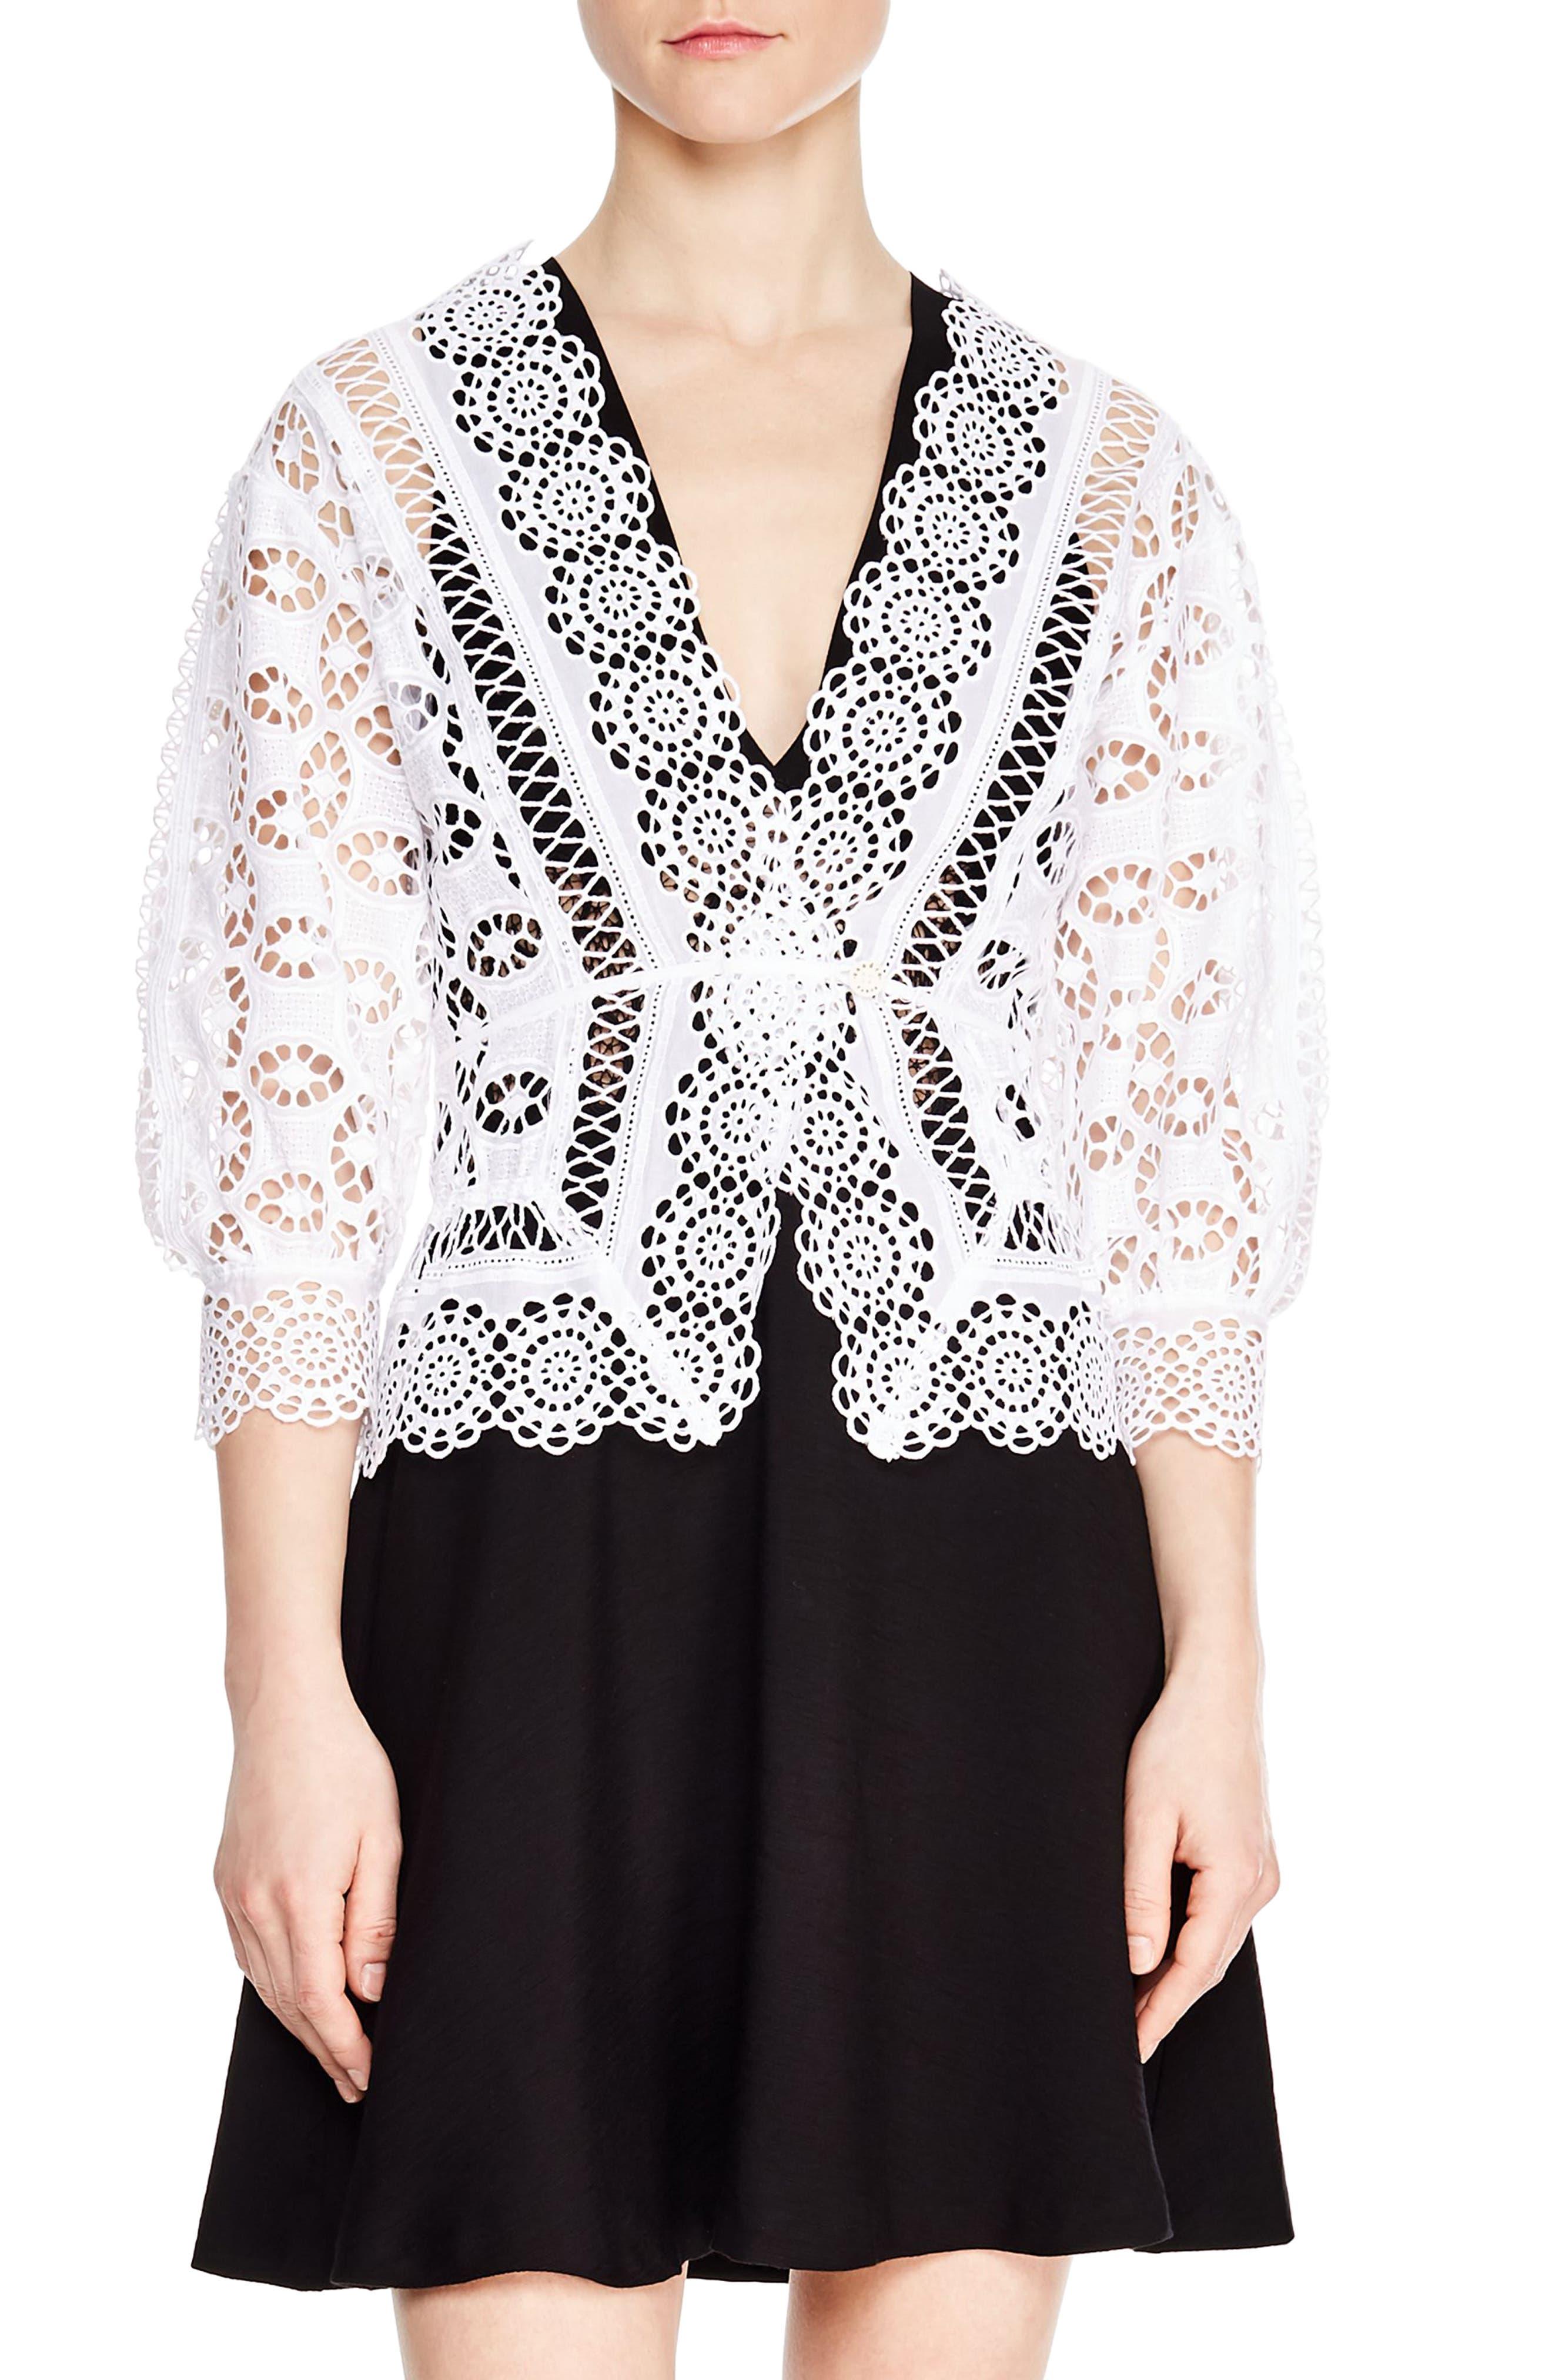 Paula Crochet Top,                             Main thumbnail 1, color,                             WHITE